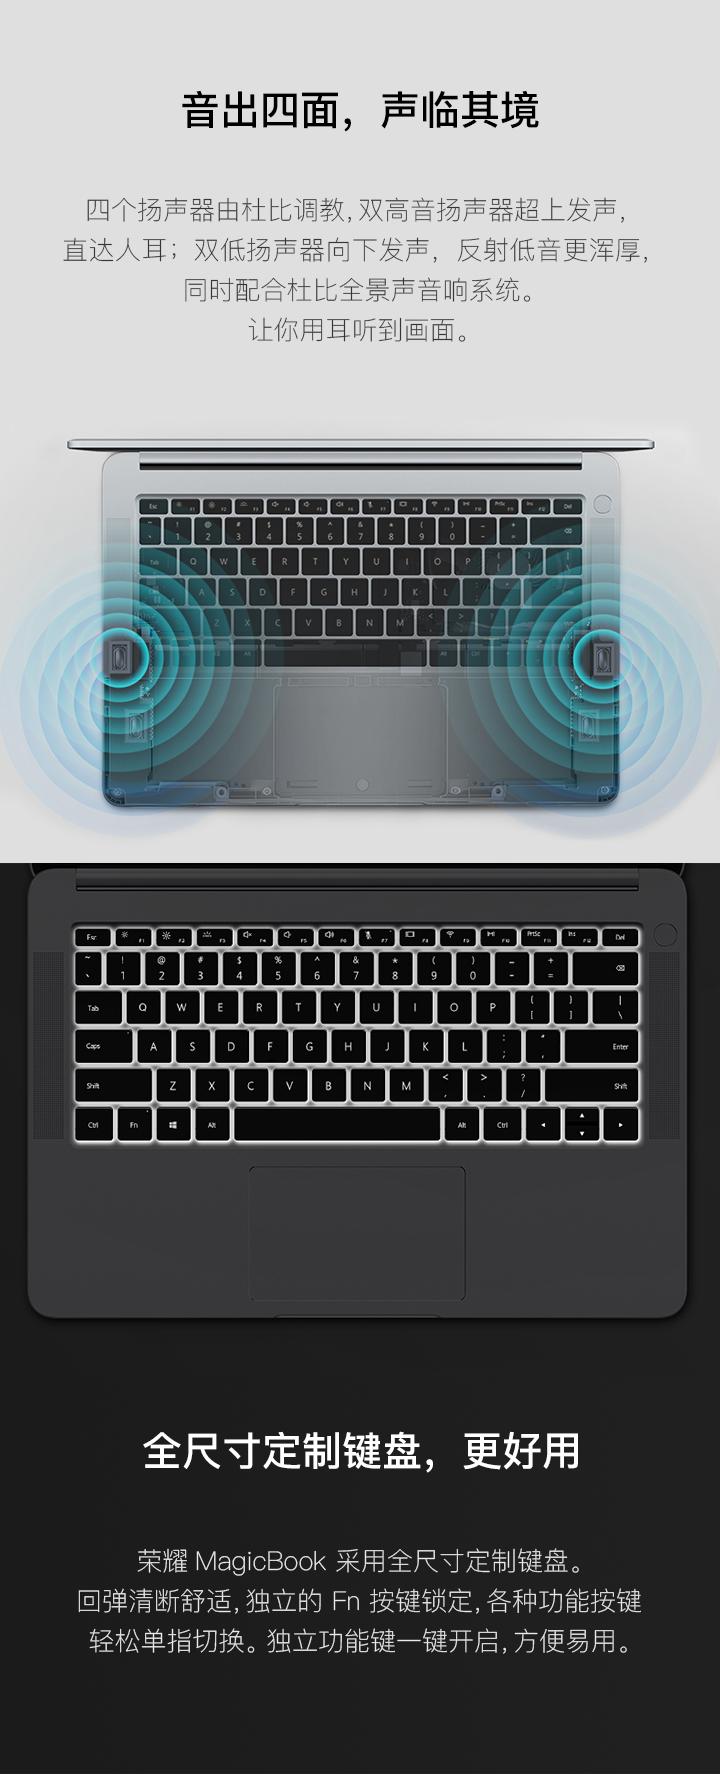 荣耀MagicBook锐龙触屏版电脑免费试用,评测